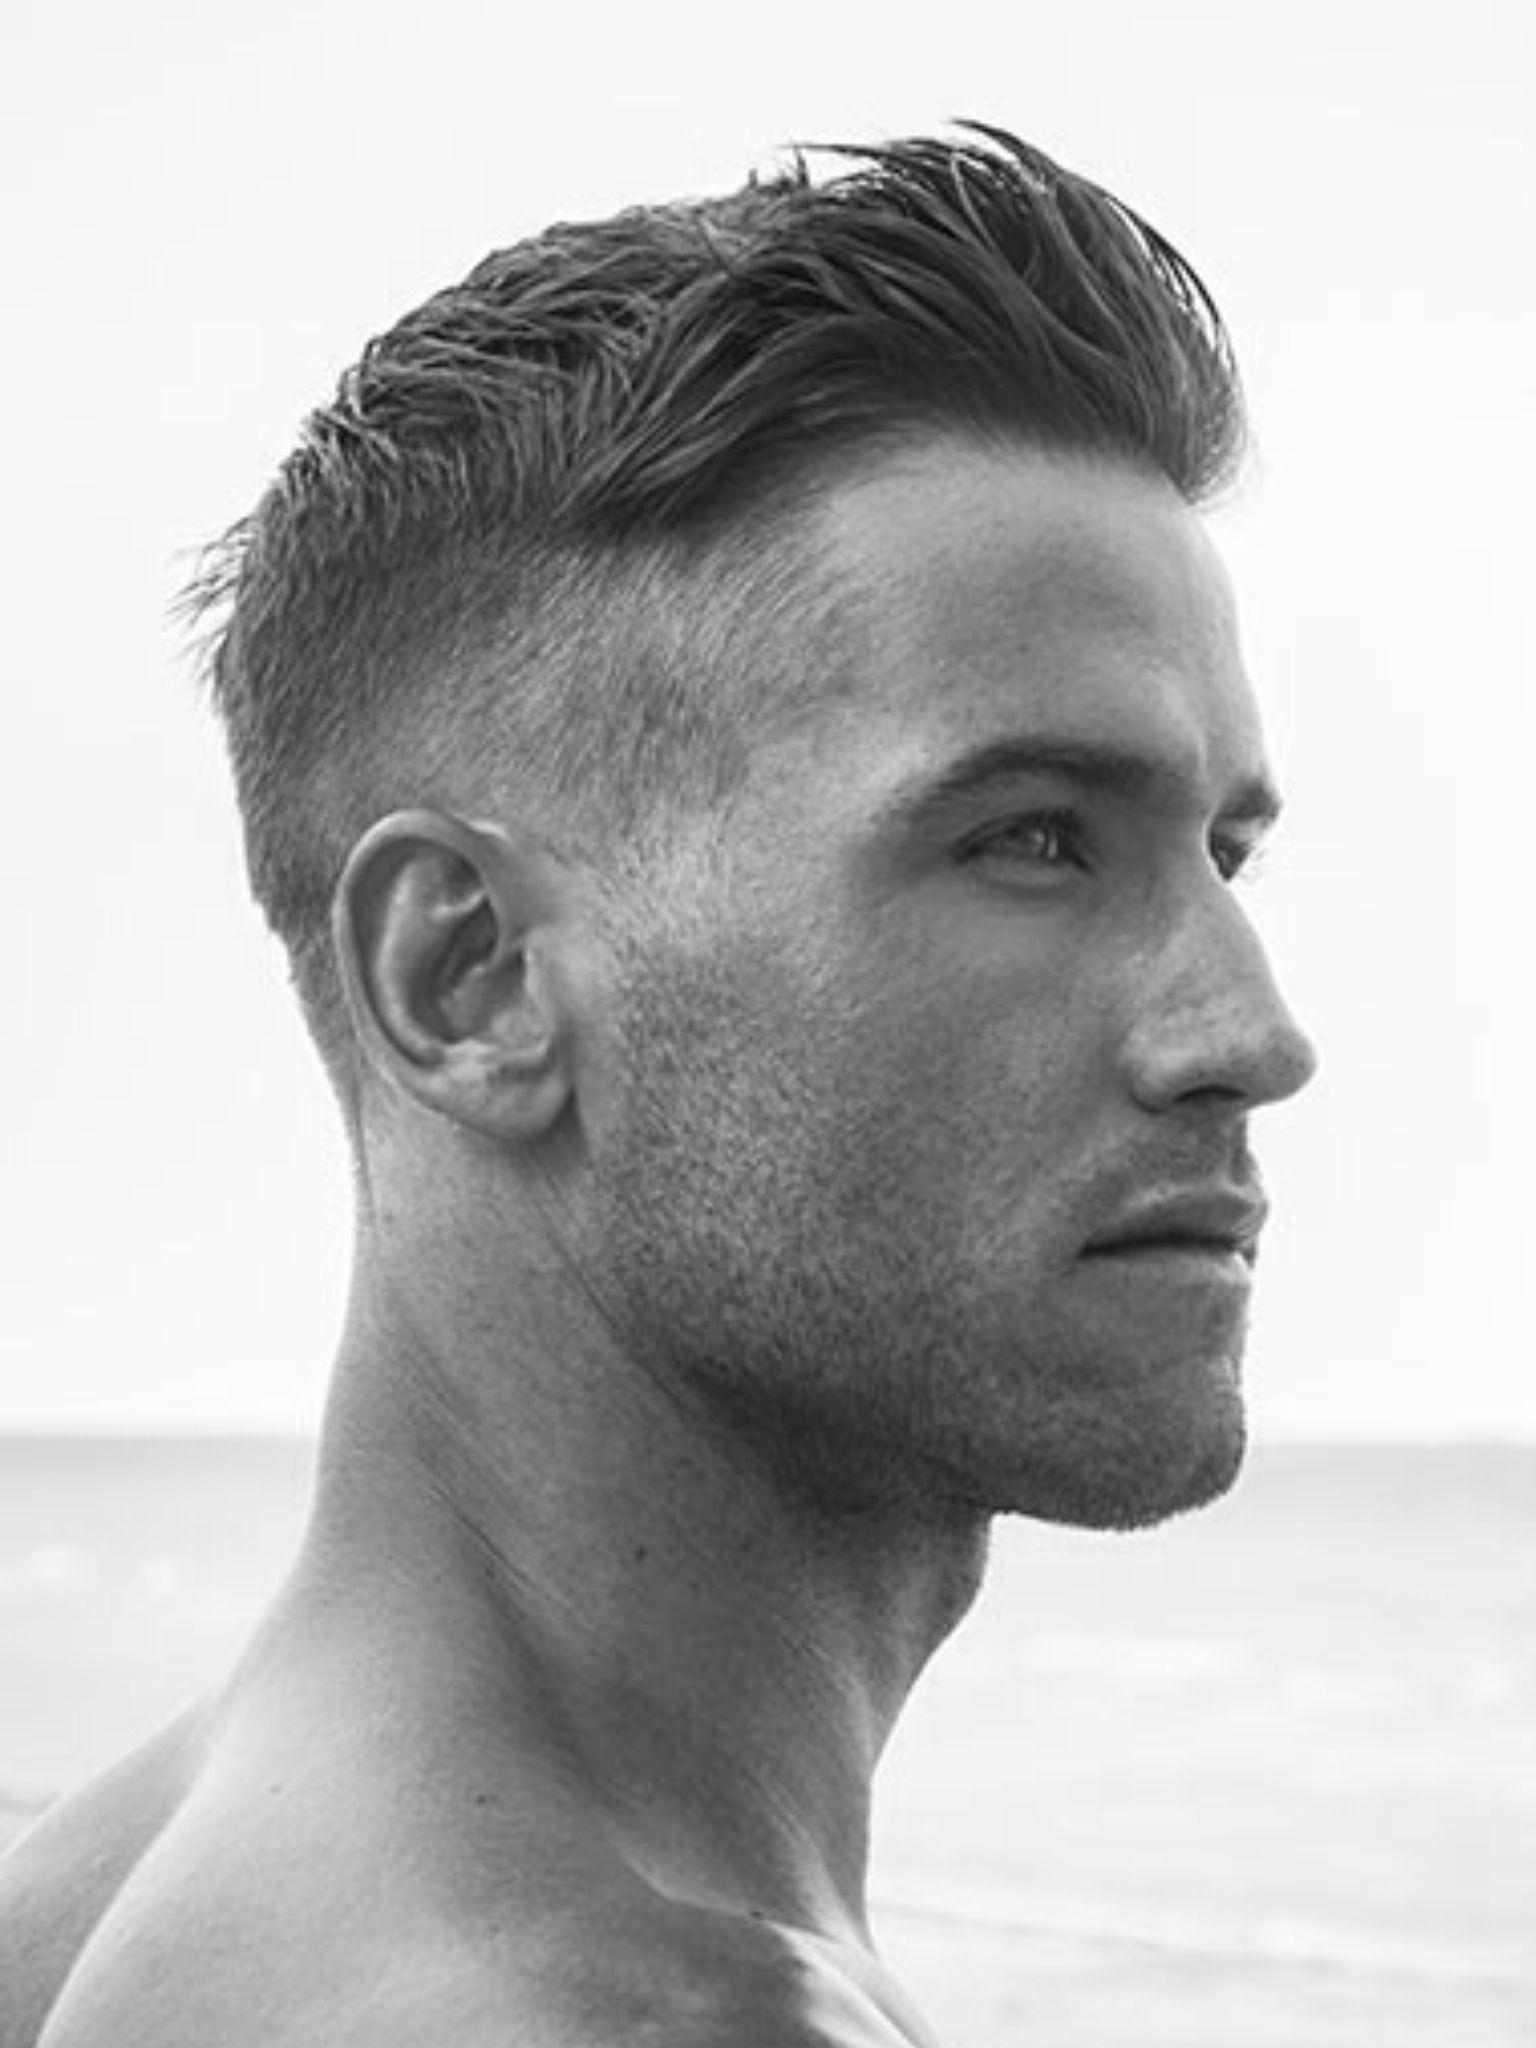 10 popular hairstyles for 2014 | beautiful men | haarschnitt